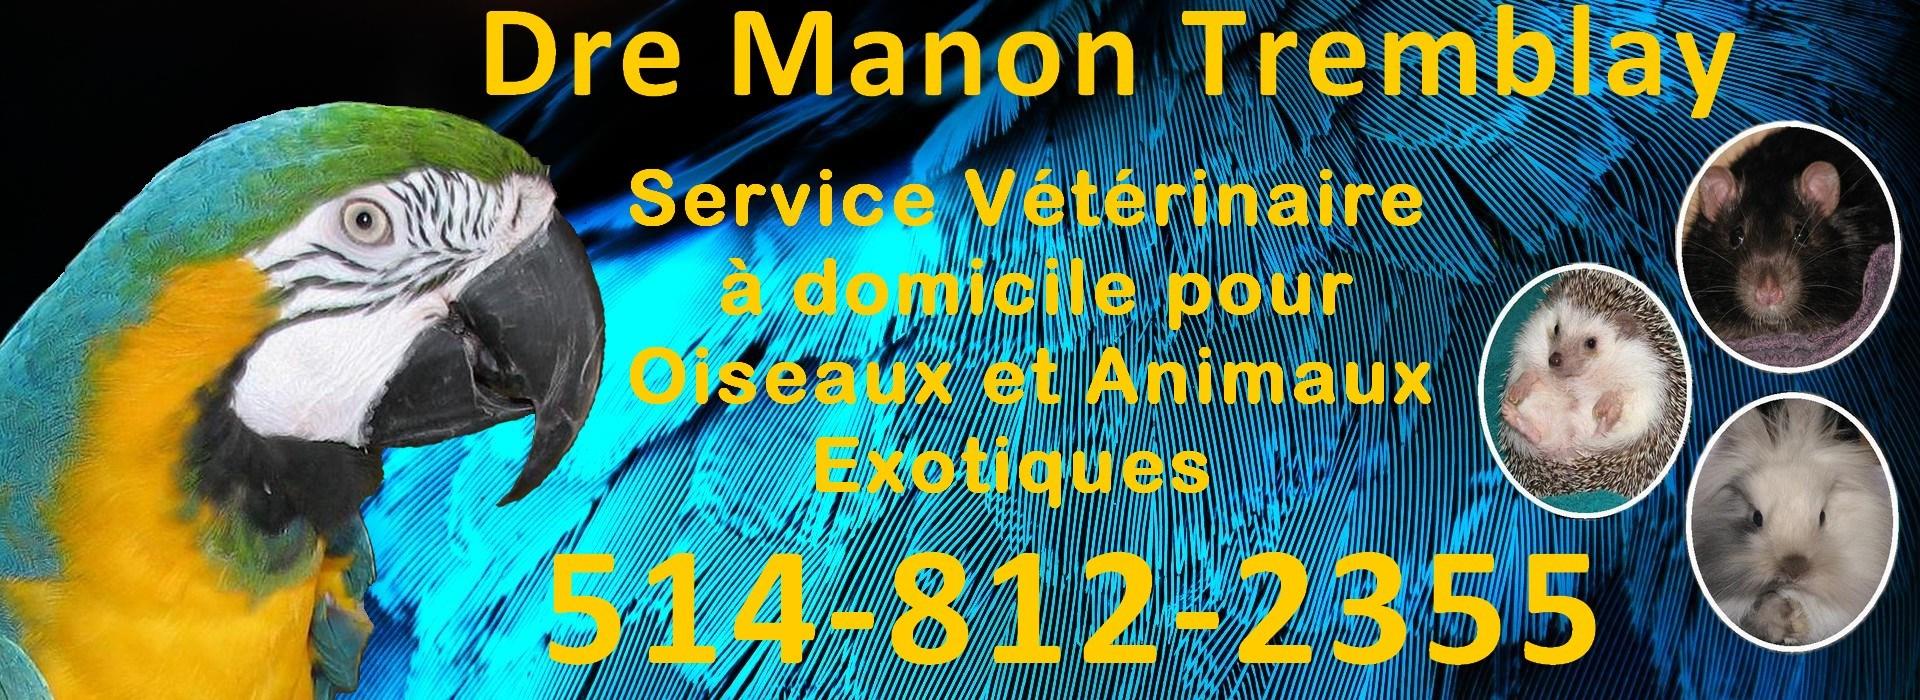 bannière-Manon